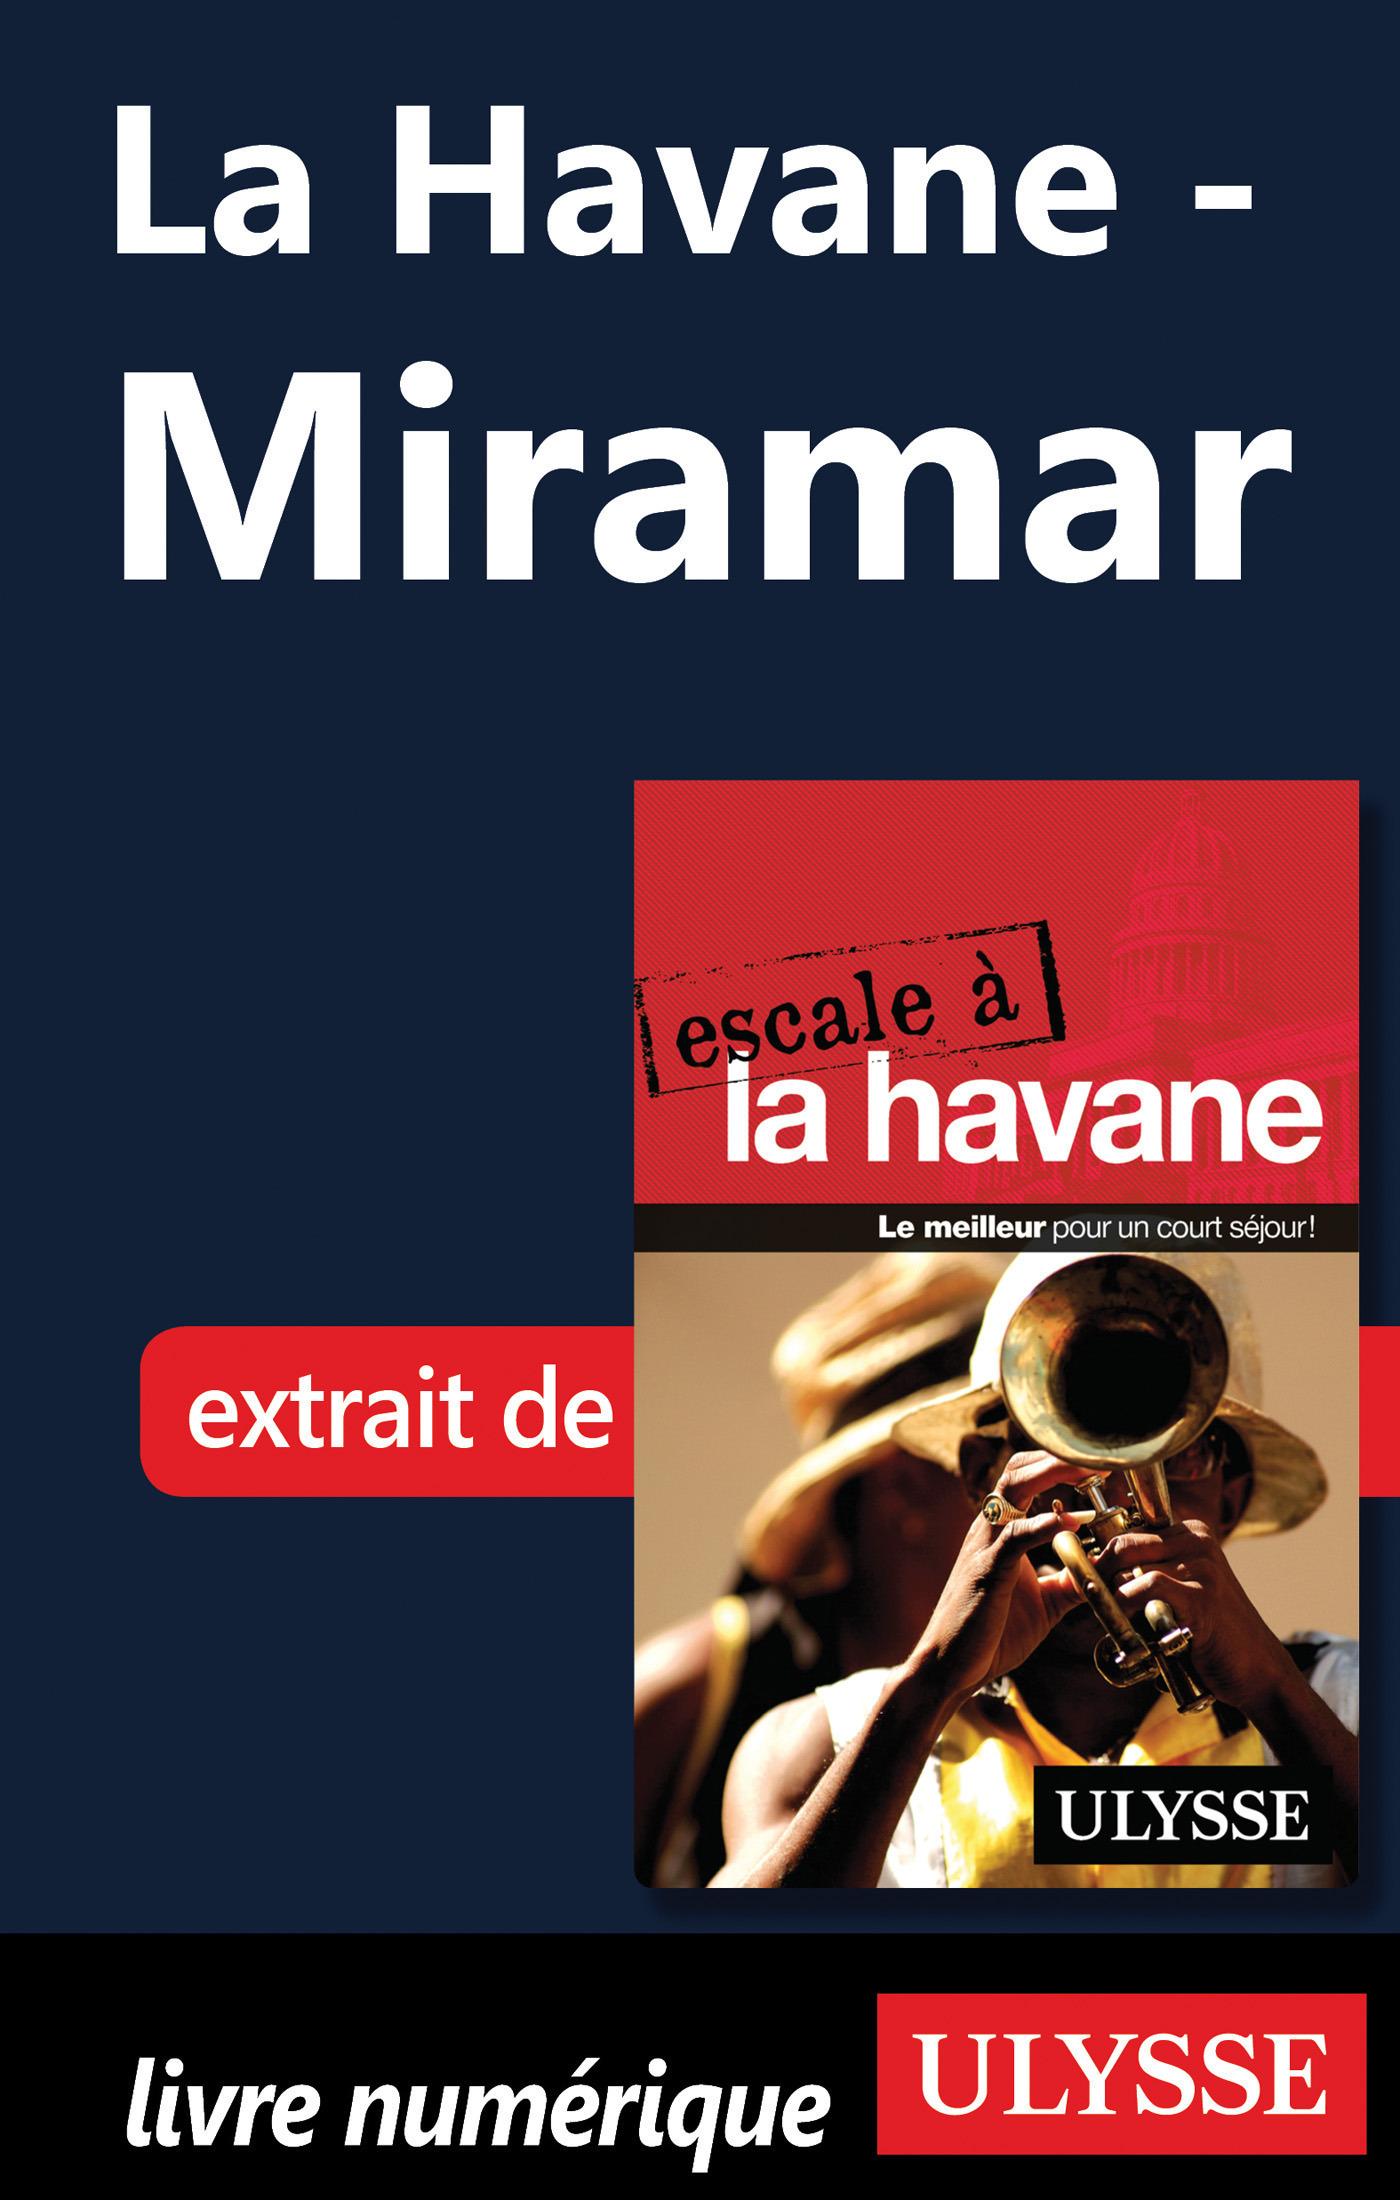 La Havane - Miramar